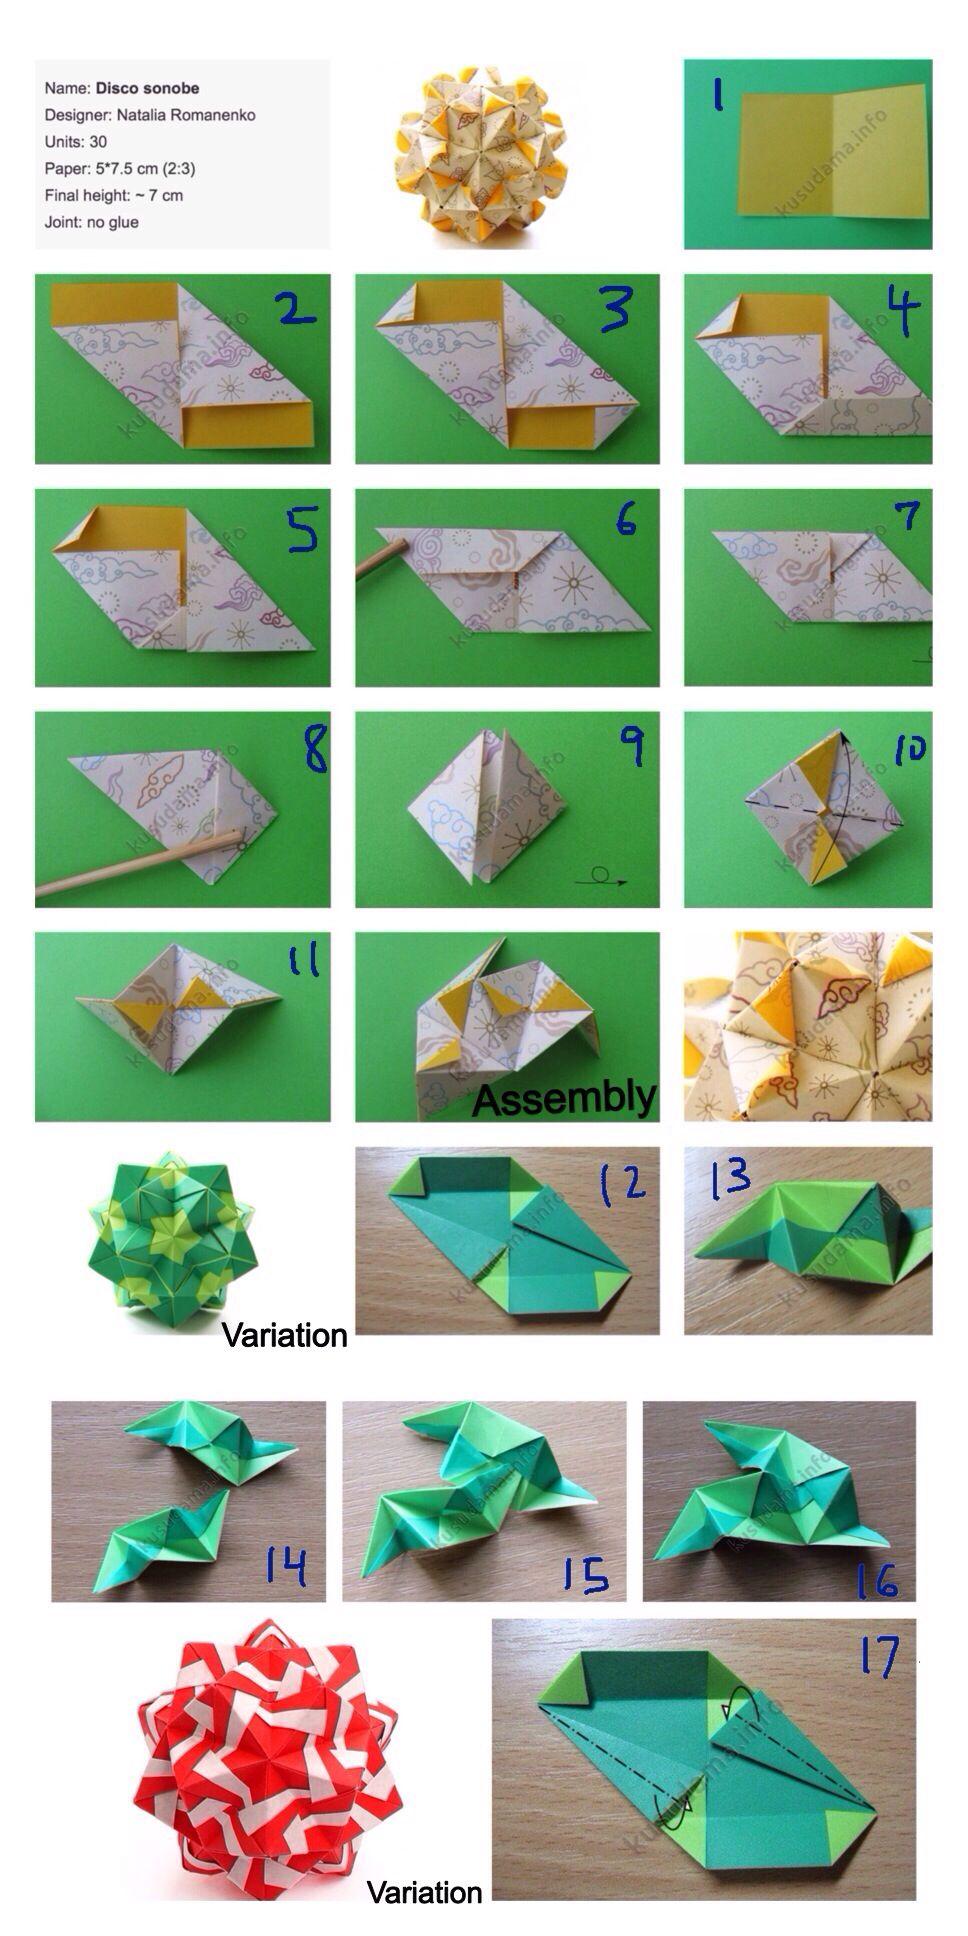 DIY Origami Stern 30 Teile | SONOBE BALL | Origami Entspannung ... | 1936x968